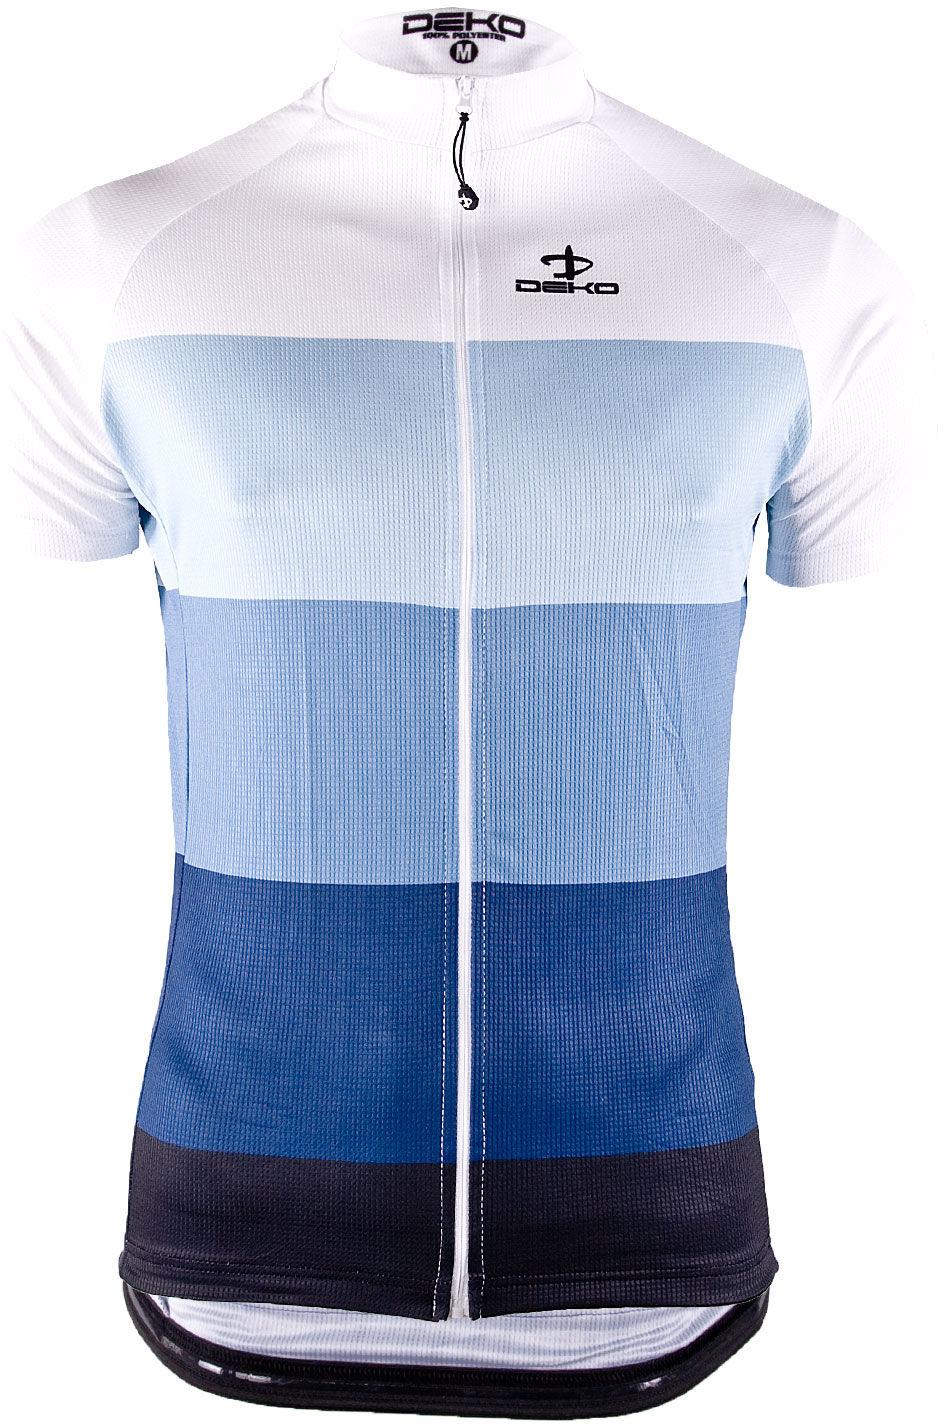 DEKO męska koszulka rowerowa krótki rękaw Niebieska MNK-002-04 Rozmiar: 2XL,MNK-002-04